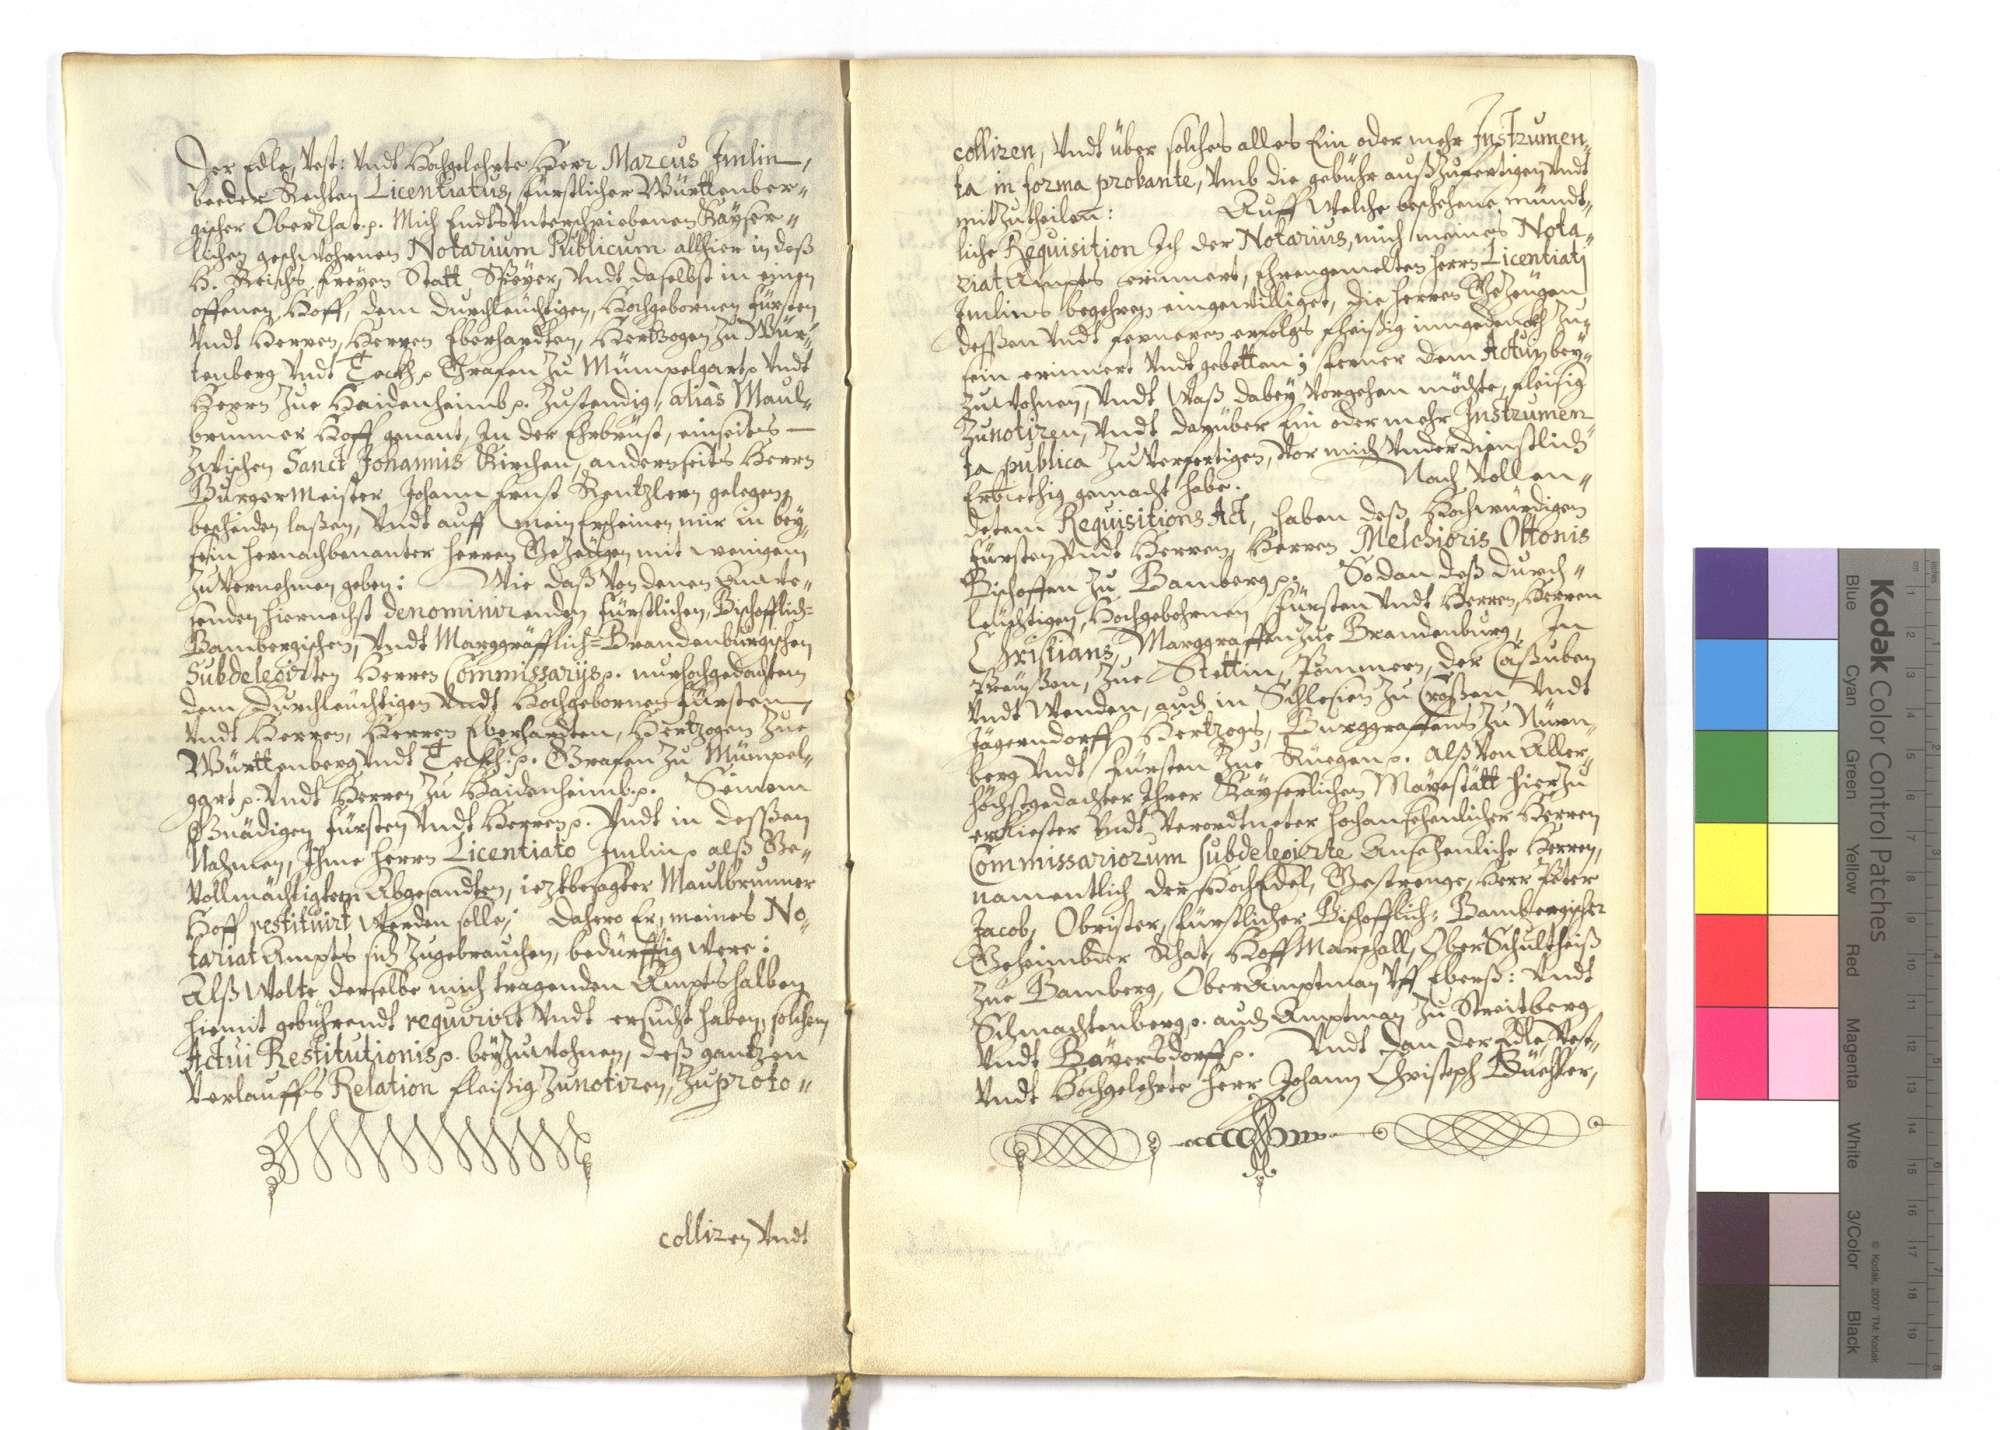 Der kaiserliche Notar Sebastian Schiller bestätigt die Restitution des Maulbronner Klosterhofs in Speyer und des Fleckens Lußheim an Herzog Eberhard von Württemberg (Wirtemberg) und die dort geleistete Huldigung., Bild 2